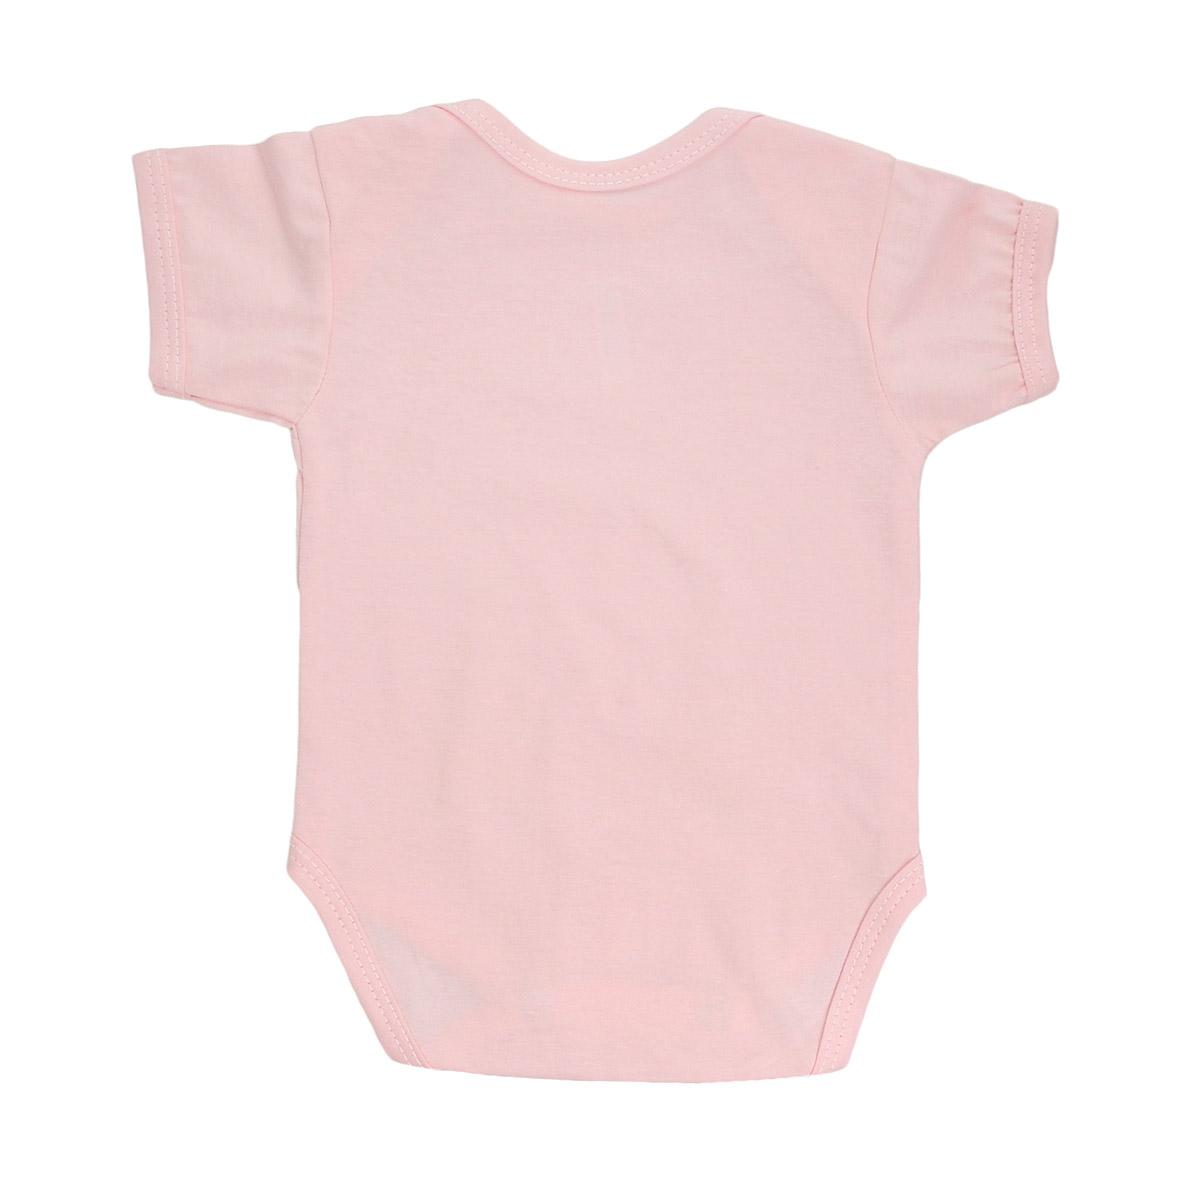 Боди детское. 58635863Детское боди Трон-плюс с короткими рукавами послужит идеальным дополнением к гардеробу вашего ребенка, обеспечивая ему наибольший комфорт. Боди изготовлено из натурального хлопка, благодаря чему оно необычайно мягкое и легкое, не раздражает нежную кожу ребенка и хорошо вентилируется, а эластичные швы приятны телу младенца и не препятствуют его движениям. Удобные запахи на плечах и кнопки на ластовице помогают легко переодеть младенца или сменить подгузник. Боди полностью соответствует особенностям жизни ребенка в ранний период, не стесняя и не ограничивая его в движениях. В нем ваш ребенок всегда будет в центре внимания.